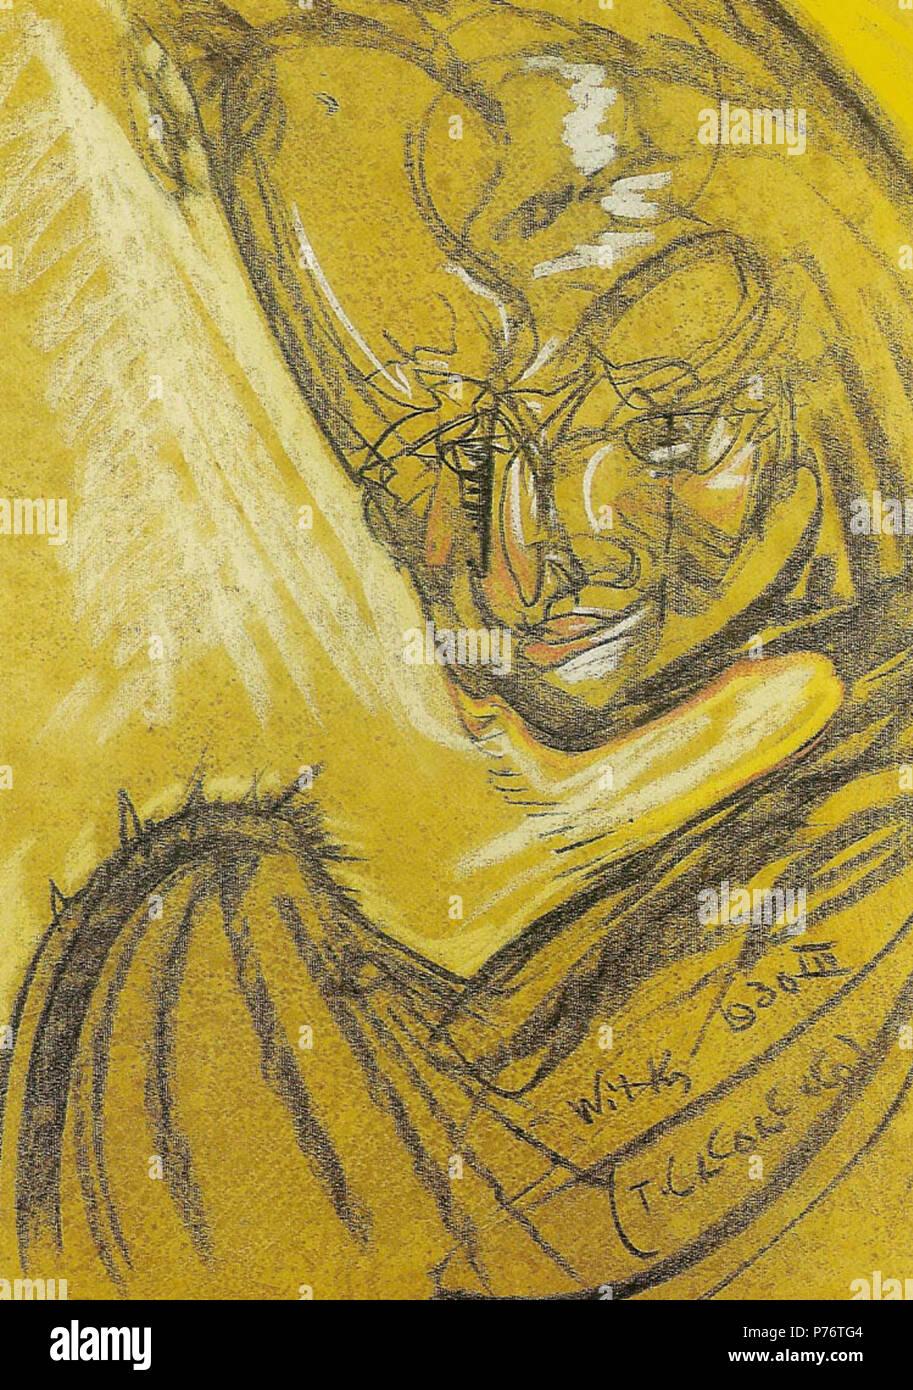 Polski: 'Portret Artura Schroedera', pastel na papierze, 63 x 48 cm, Muzeum Pomorza rodkowego, Supsk . March 1930 3 Witkacy-Portret Artura Schroedera Stock Photo